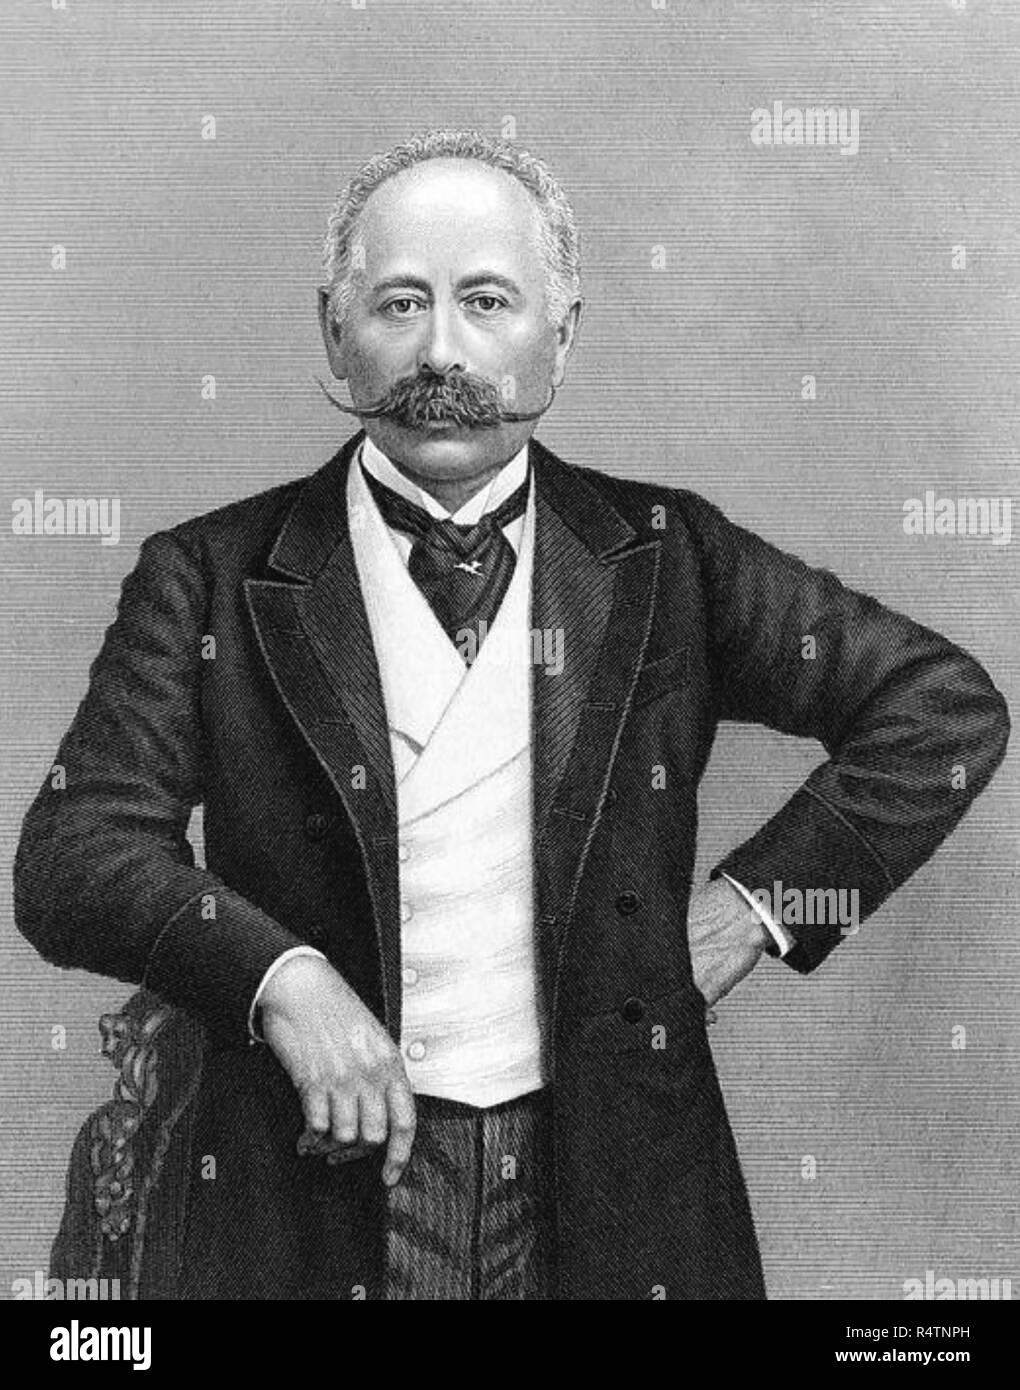 MAURICE de HIRSCH (1831-1896) German financier and philanthropist - Stock Image